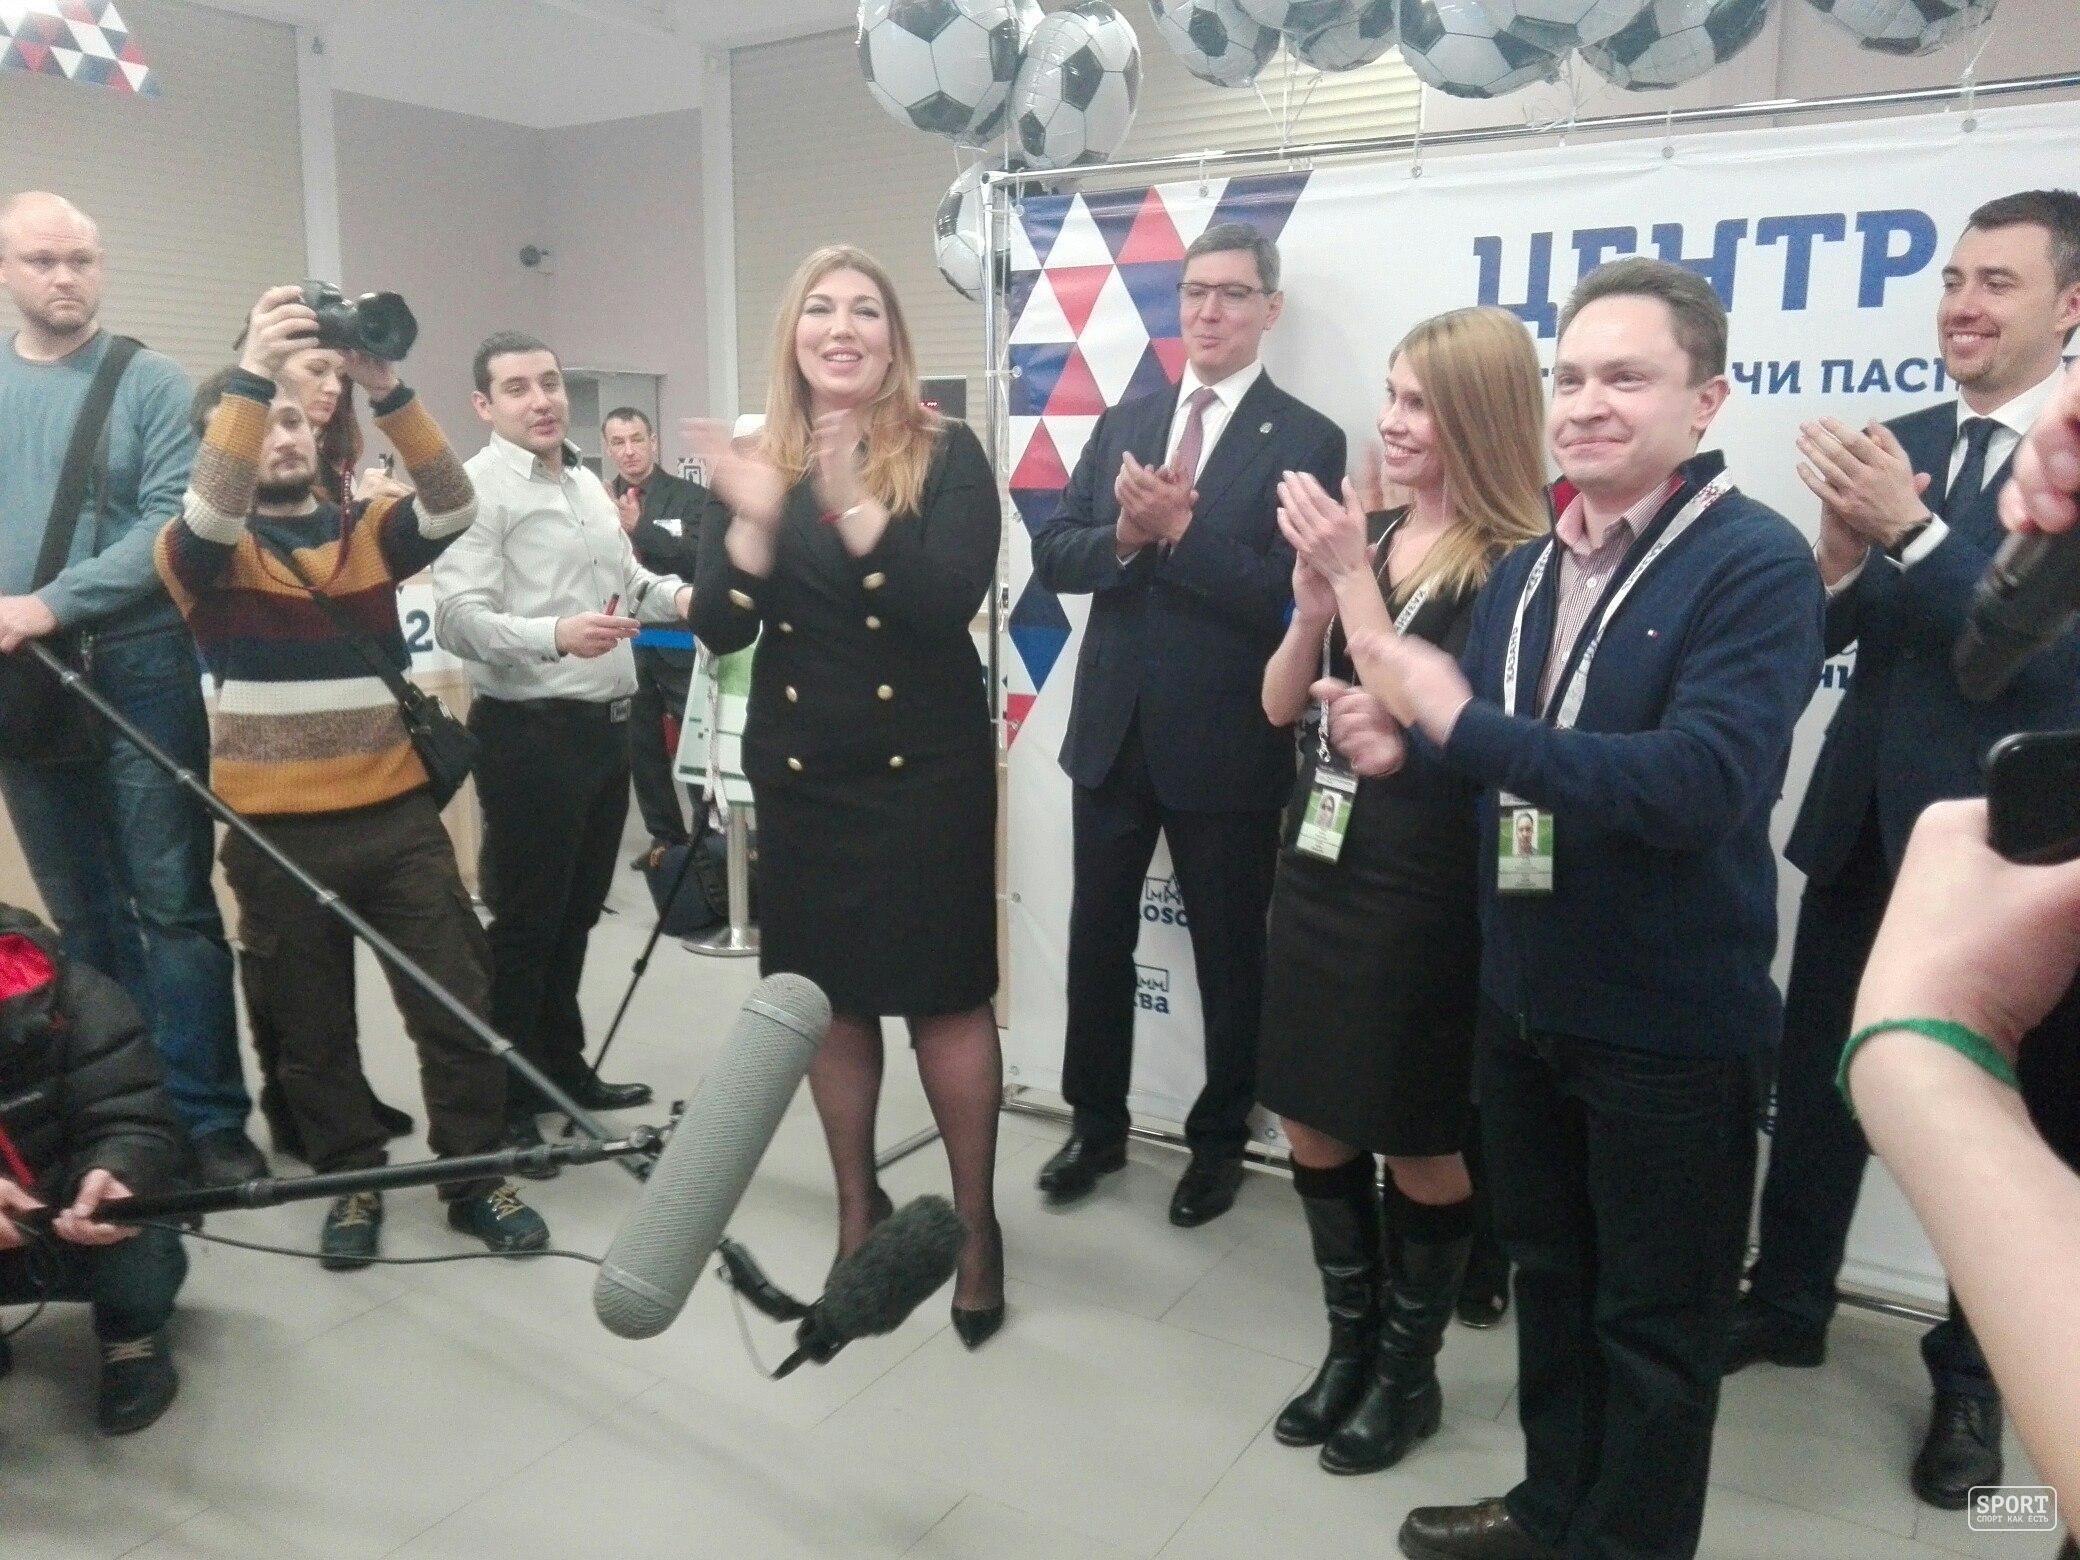 ВКазани выдали первые паспорта болельщиков кКубку конфедераций